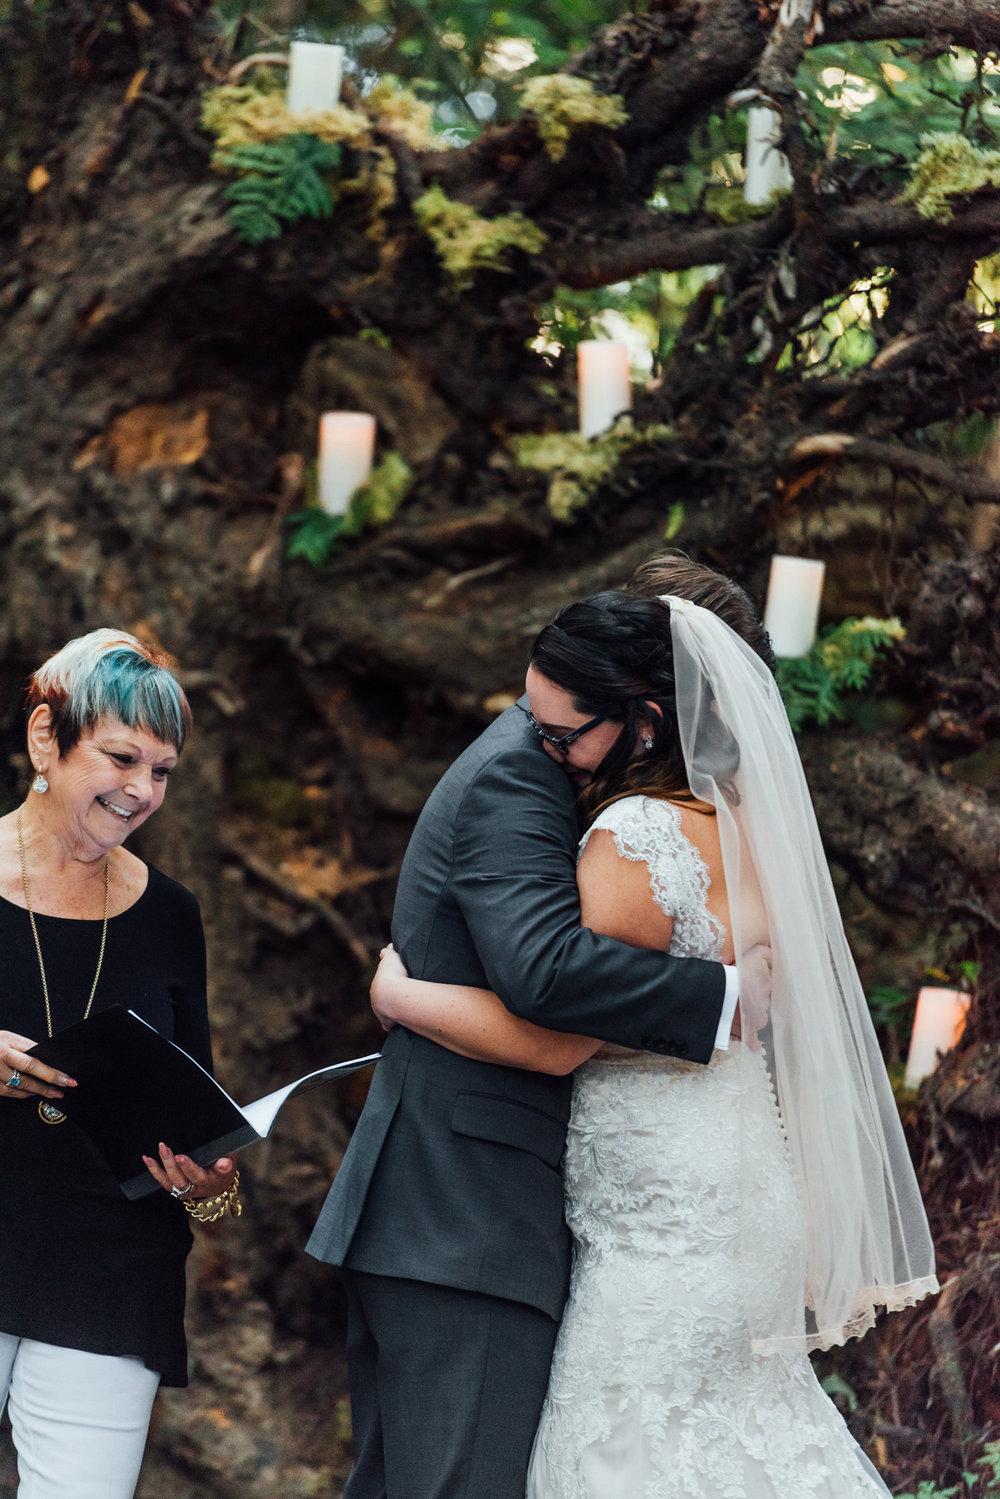 Nicola_Reiersen_Photography_Sea_Cider_Forest_Wedding (65).jpg